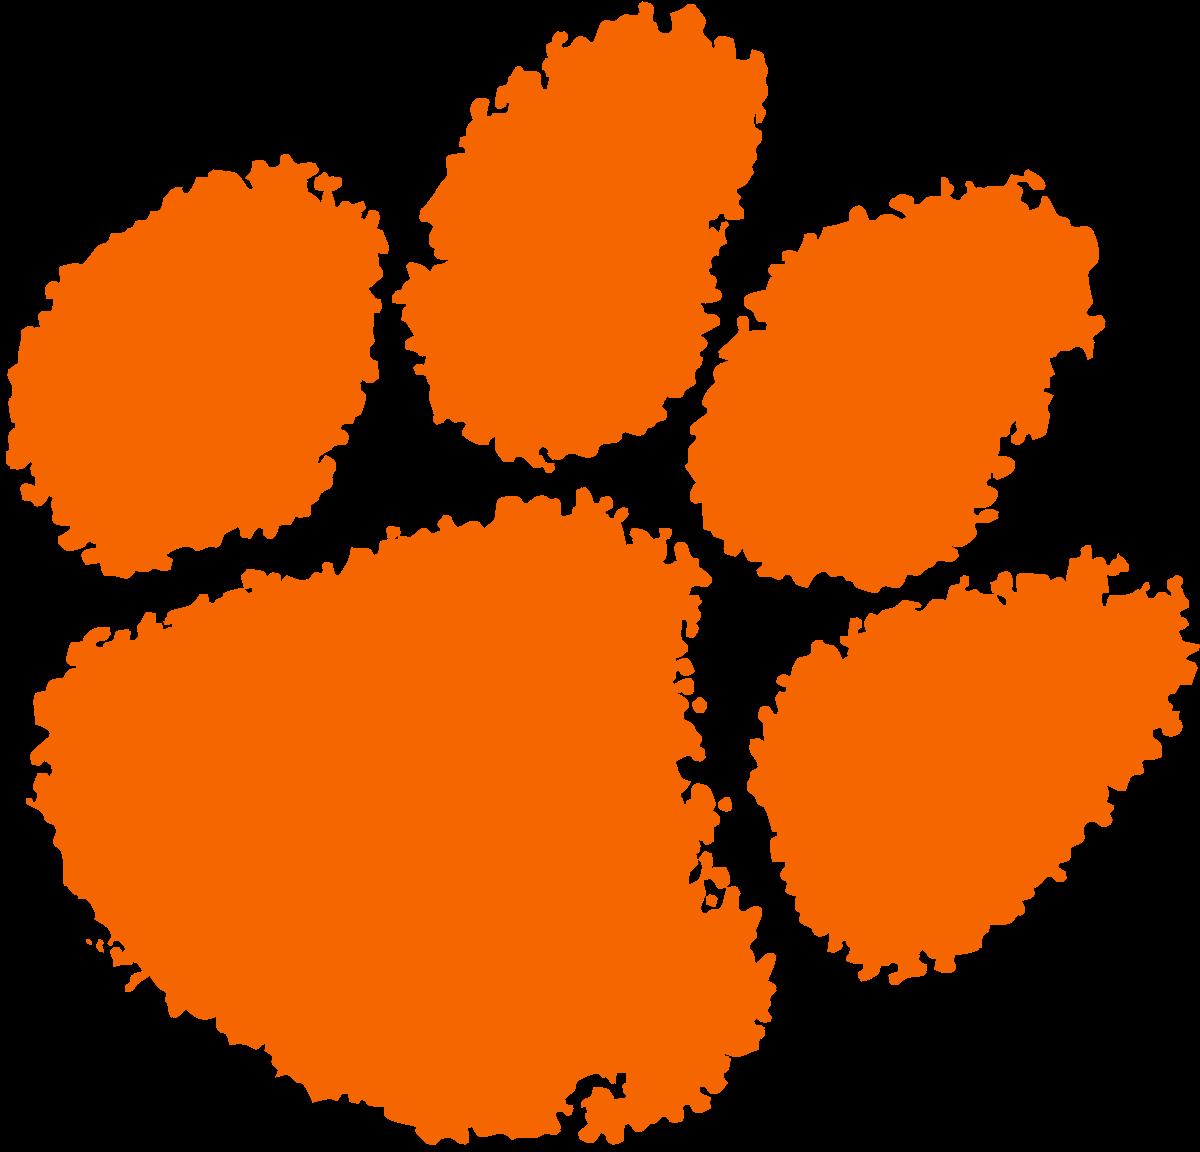 Clemson paw Logos